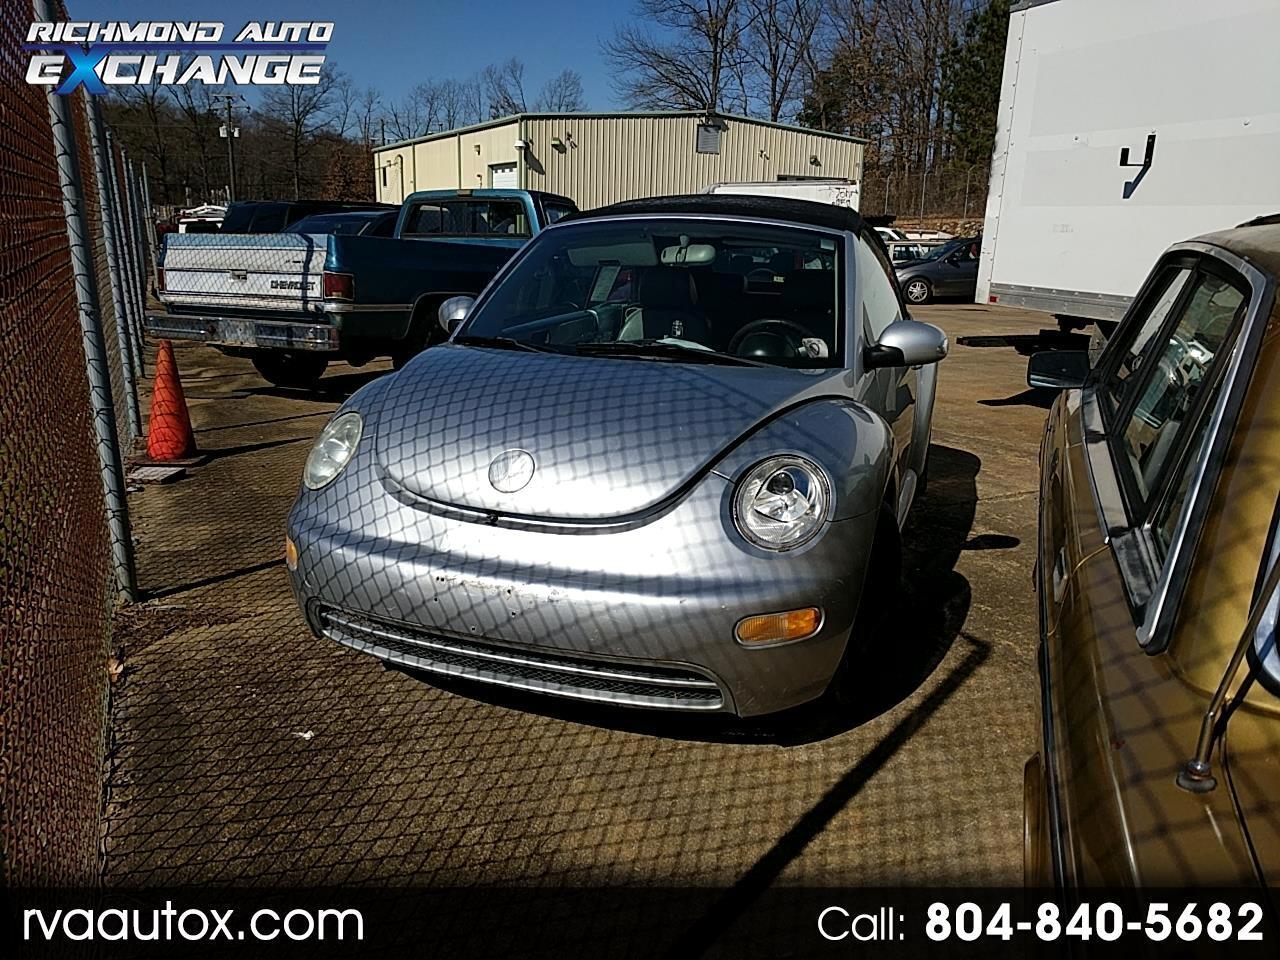 2004 Volkswagen New Beetle GL 2.0L Convertible